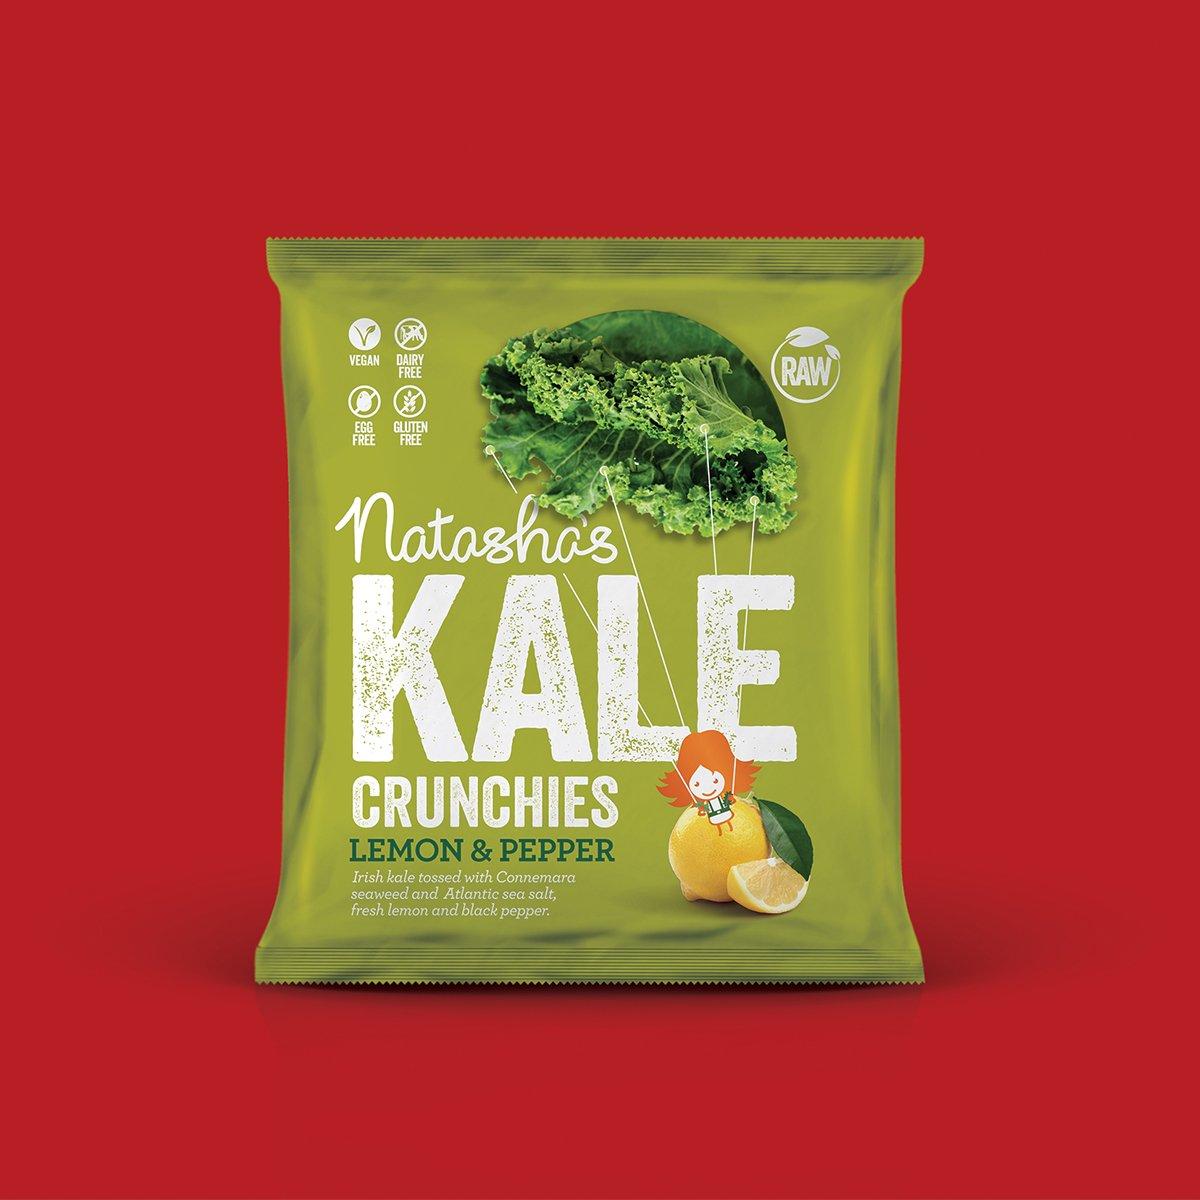 Natashas Kale branding packaging